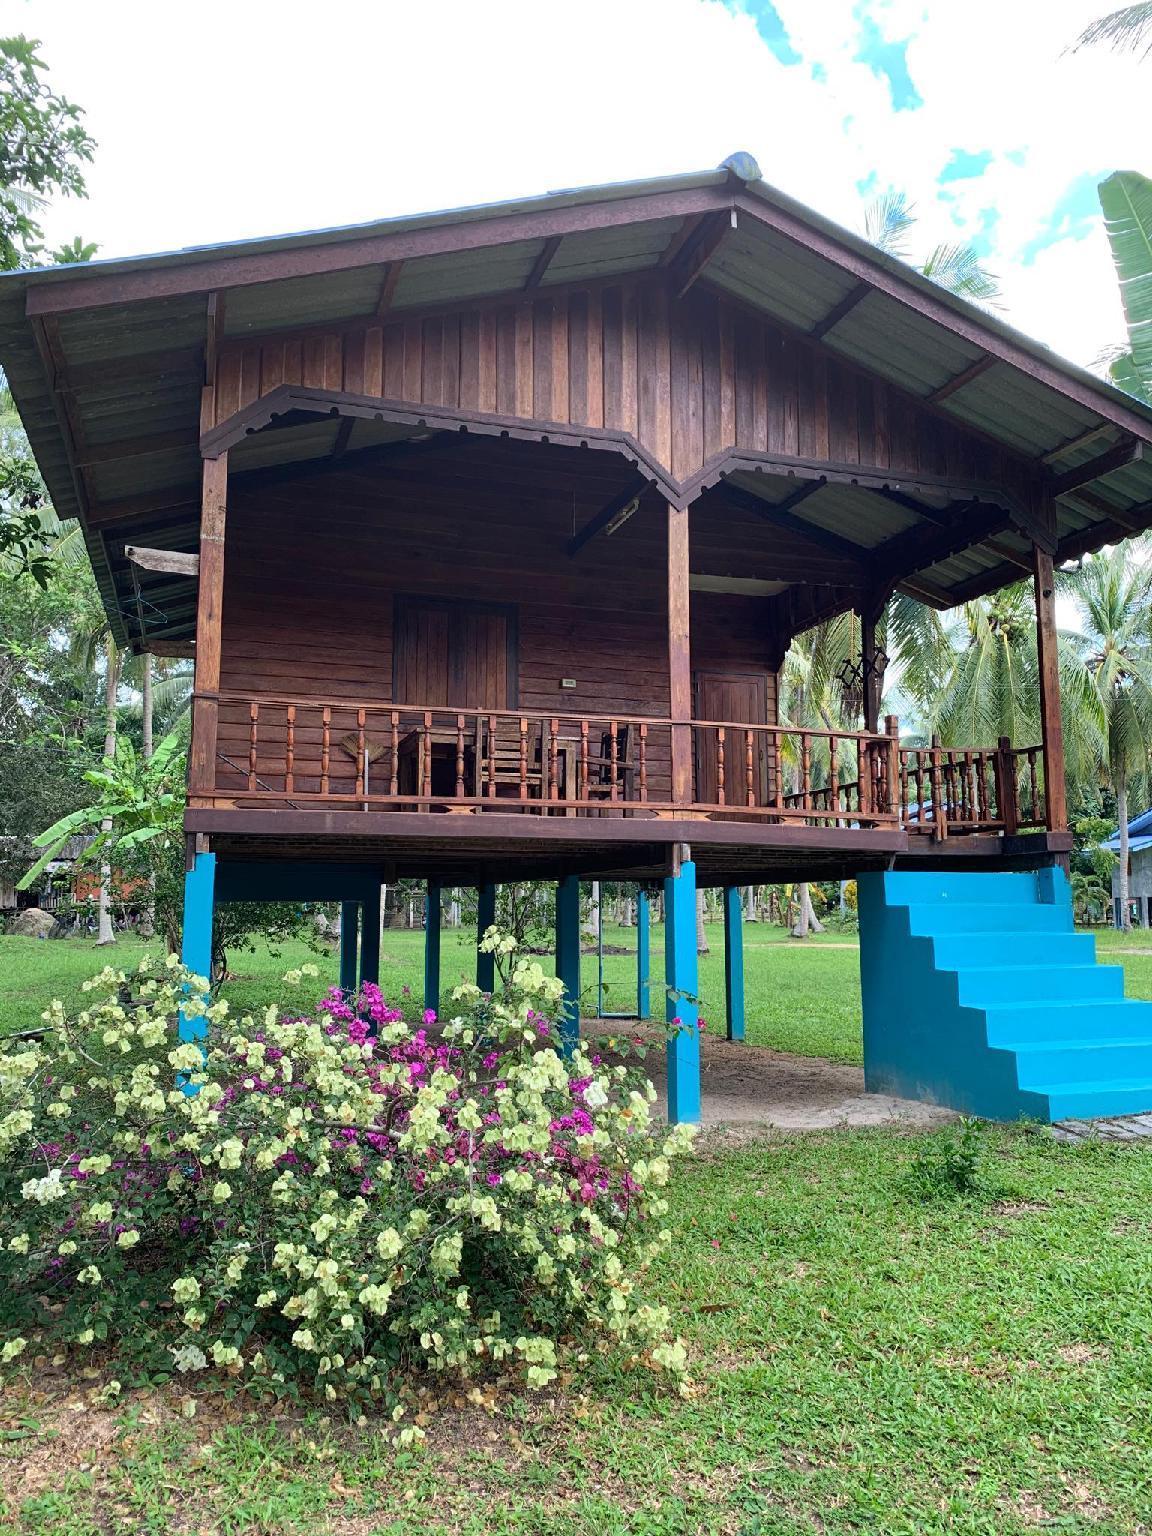 Freedom homestay&Saralee house บังกะโล 1 ห้องนอน 1 ห้องน้ำส่วนตัว ขนาด 24 ตร.ม. – บ้านมะเดื่อหวาน